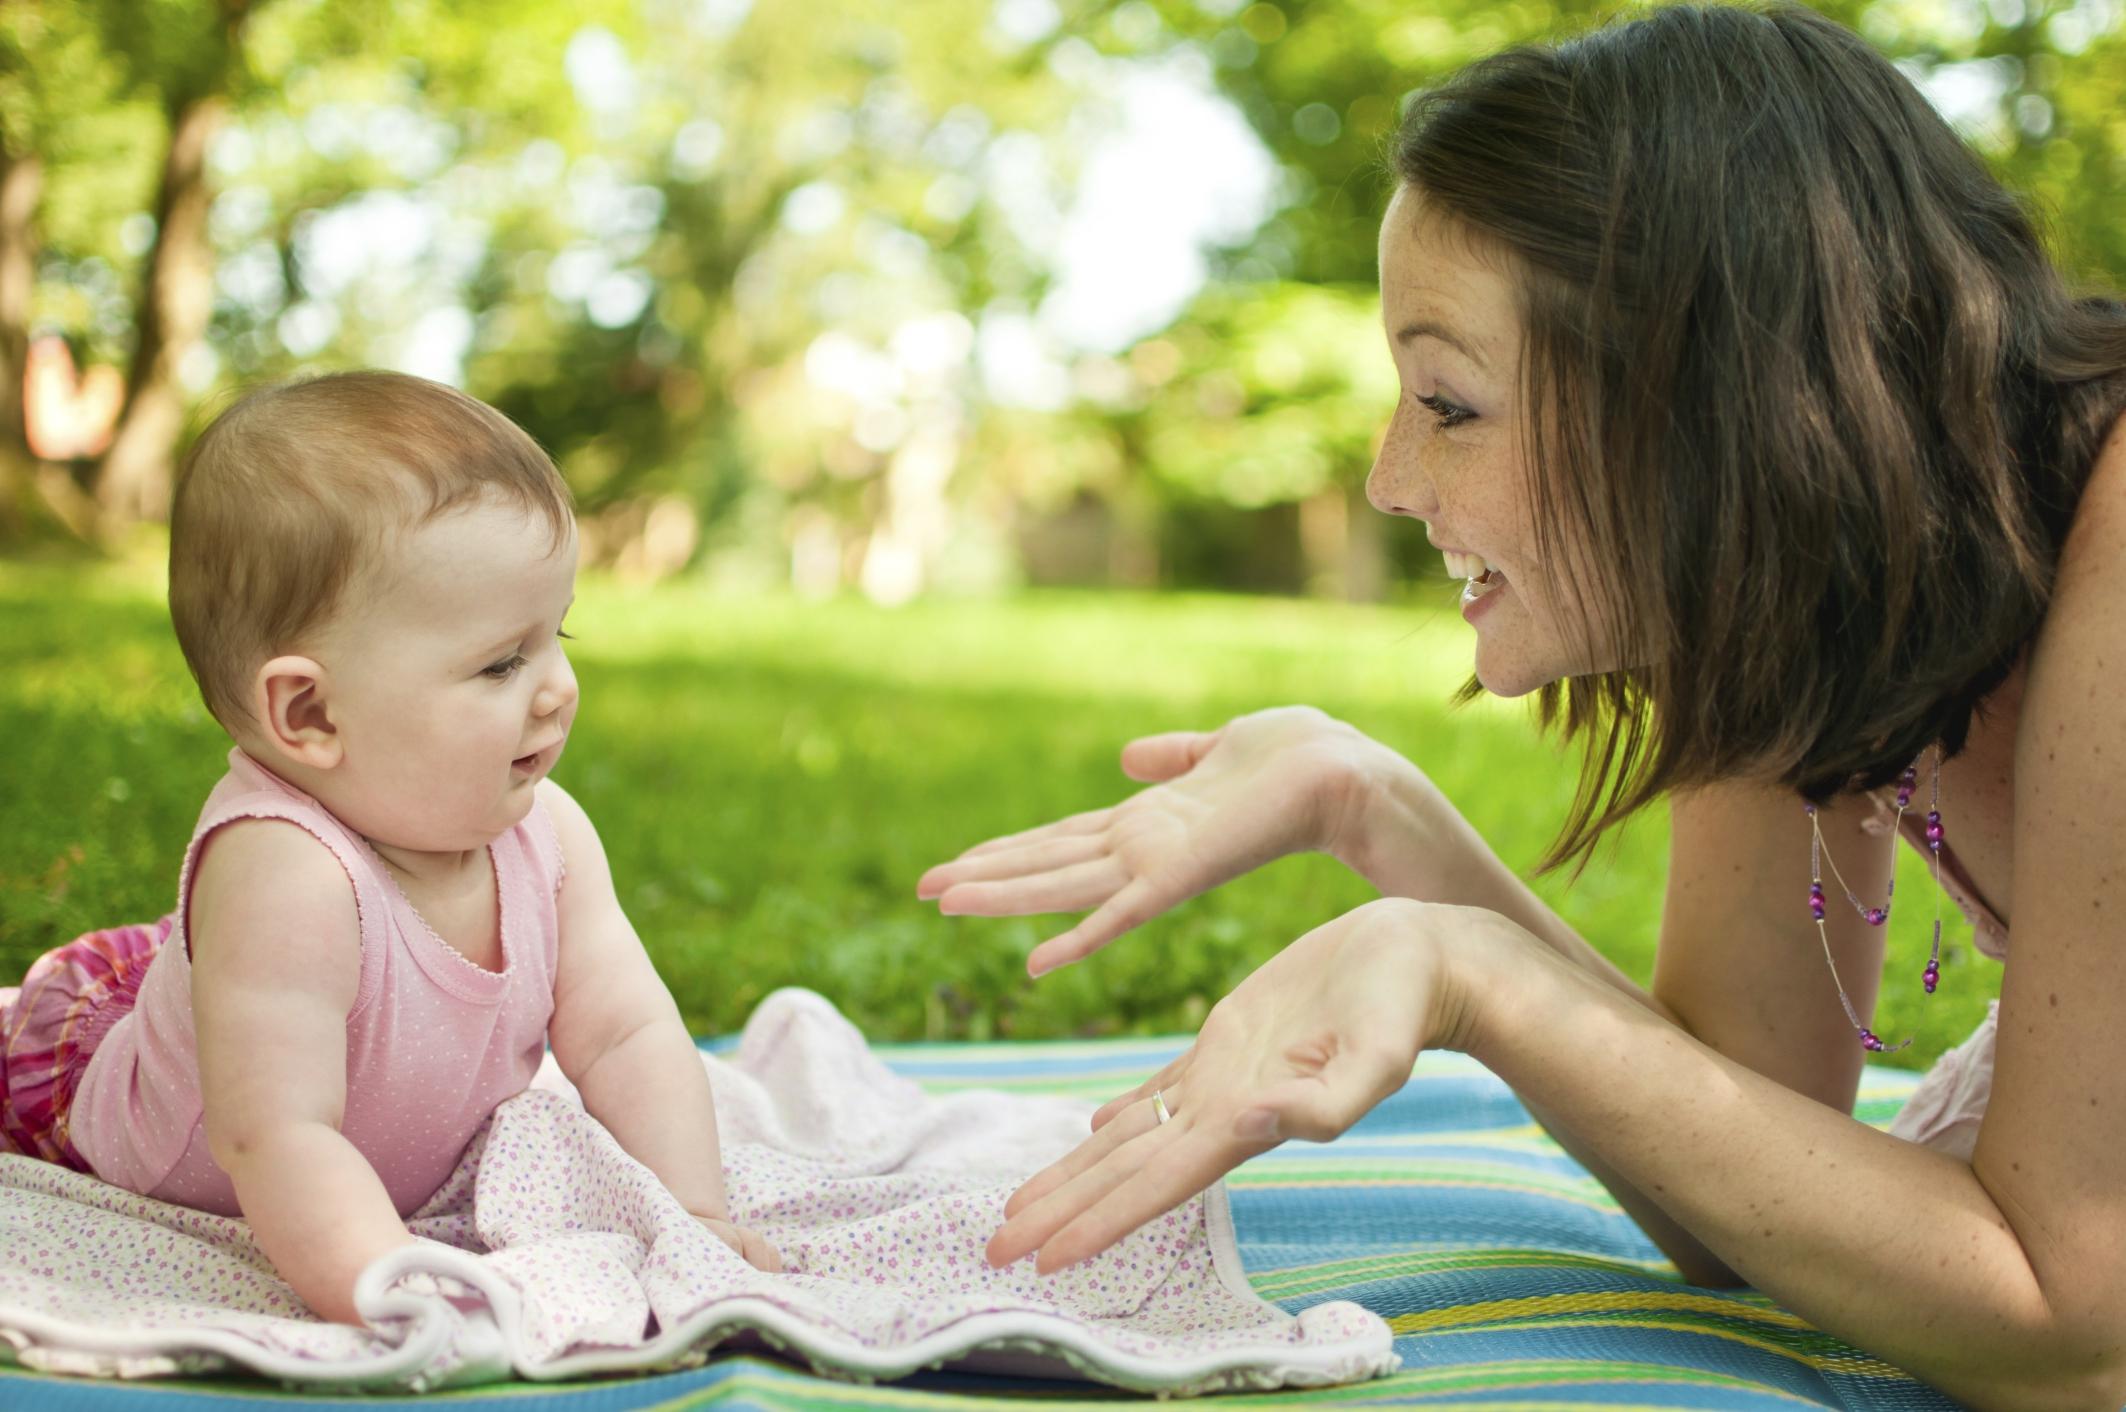 3 Positive Ways Breastfeeding and Motherhood Change Your Brain